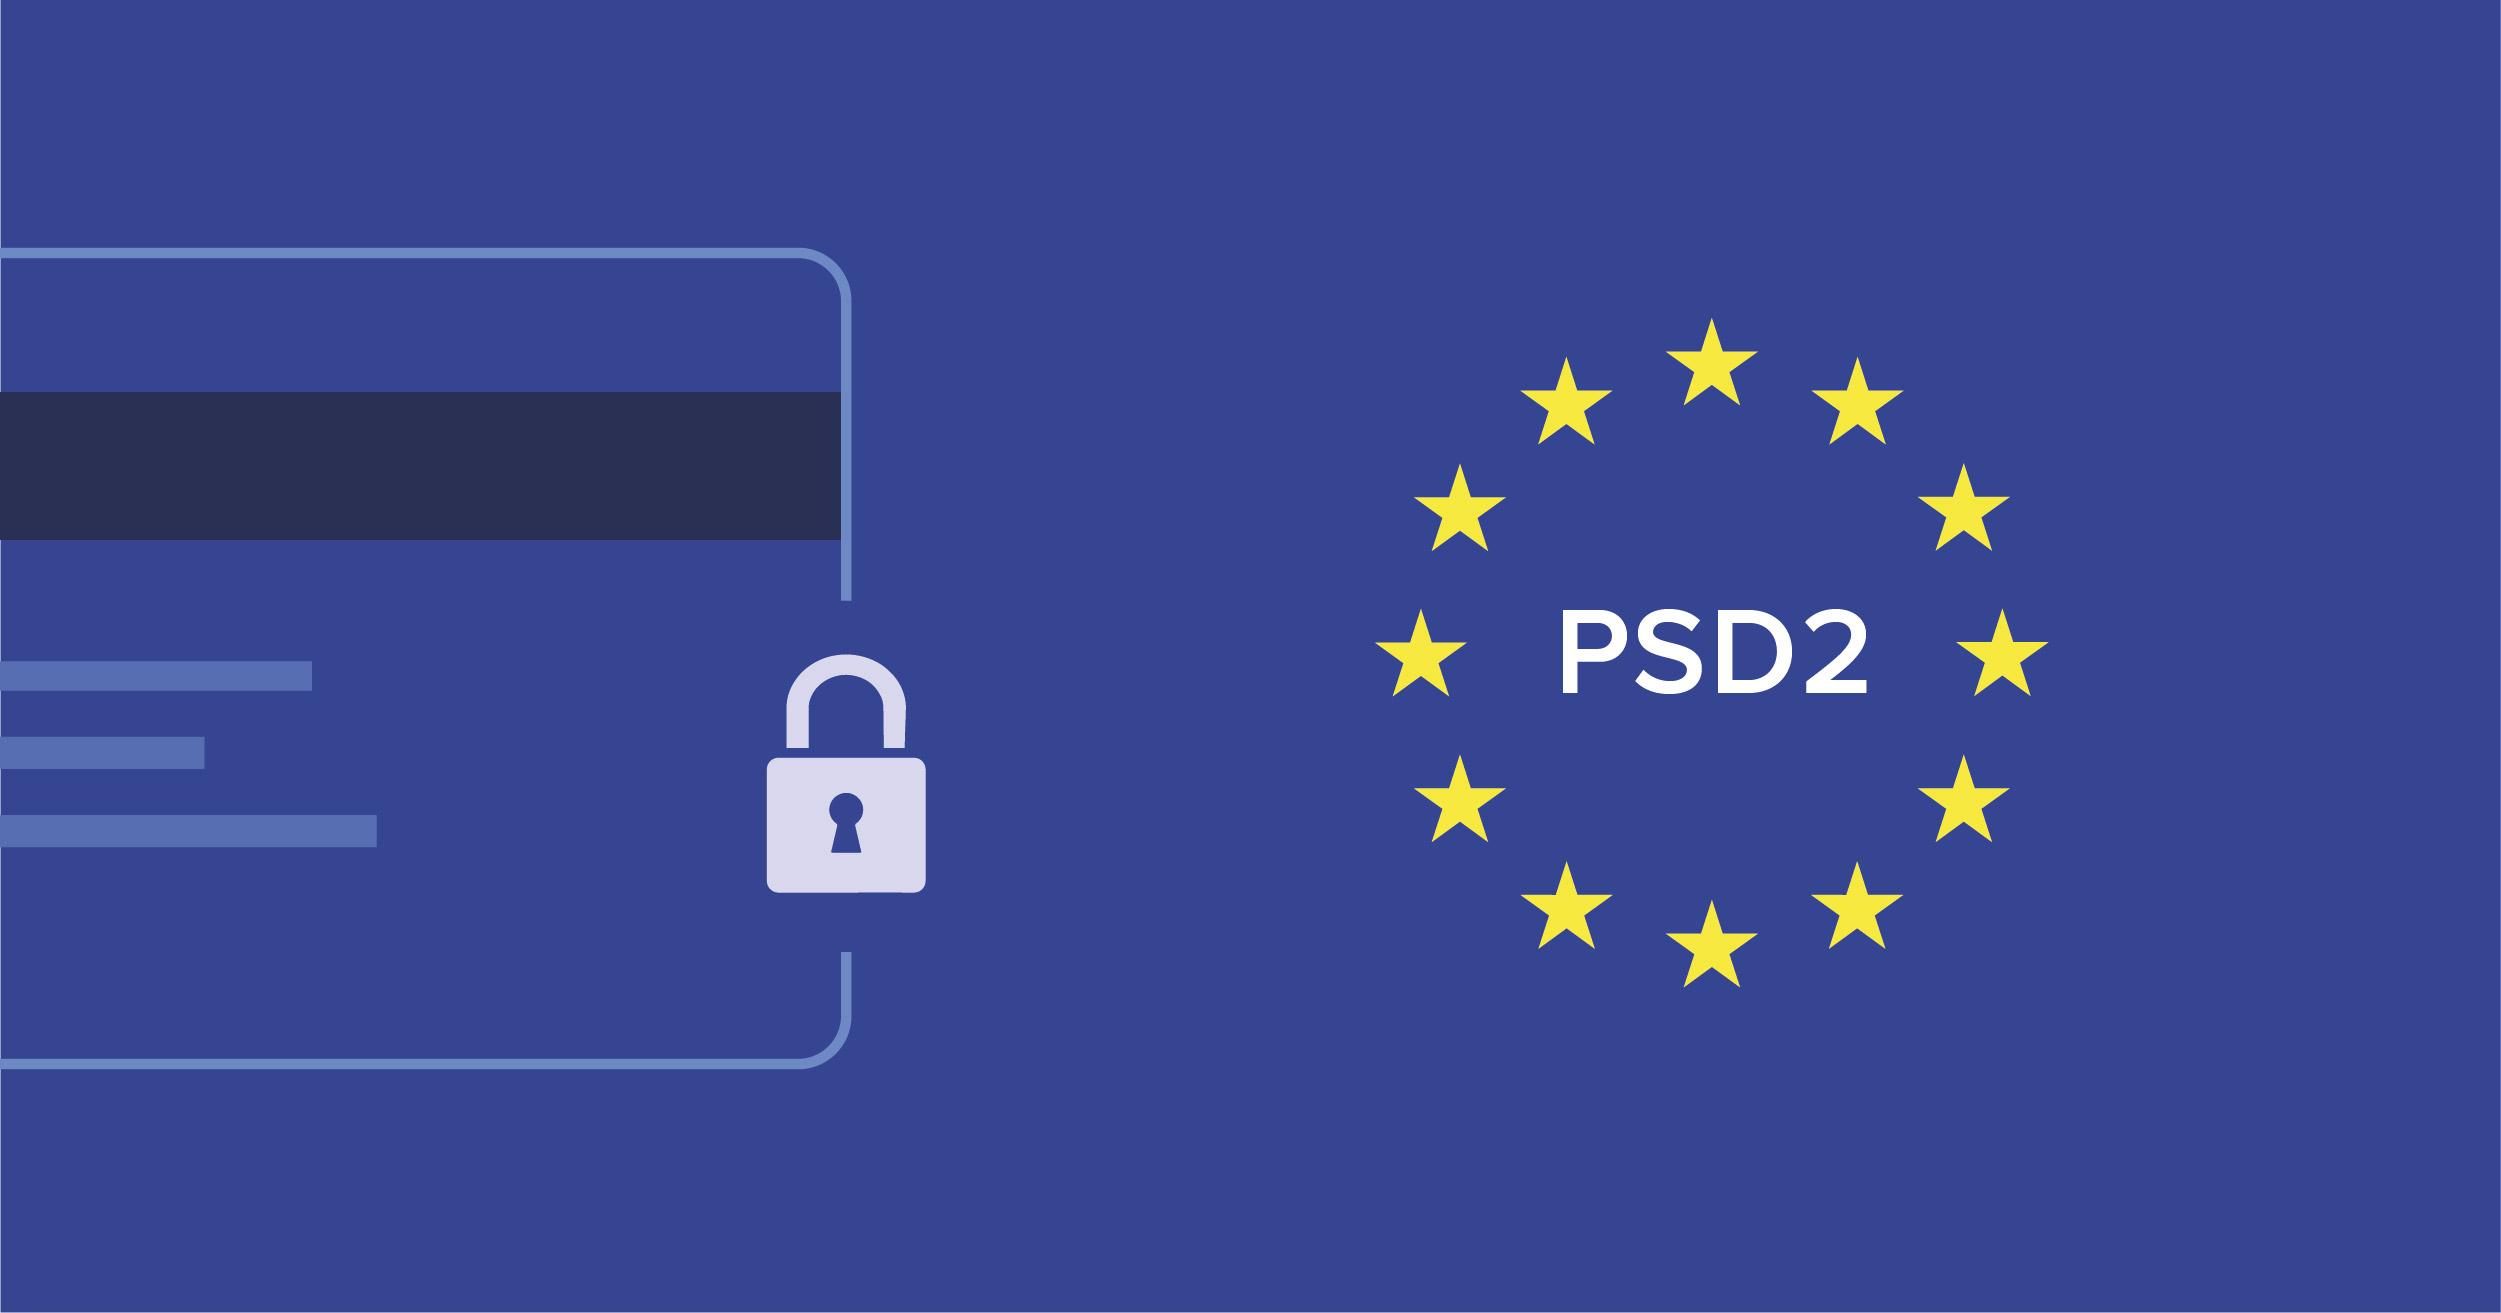 PSD2 Nueva normativa europea